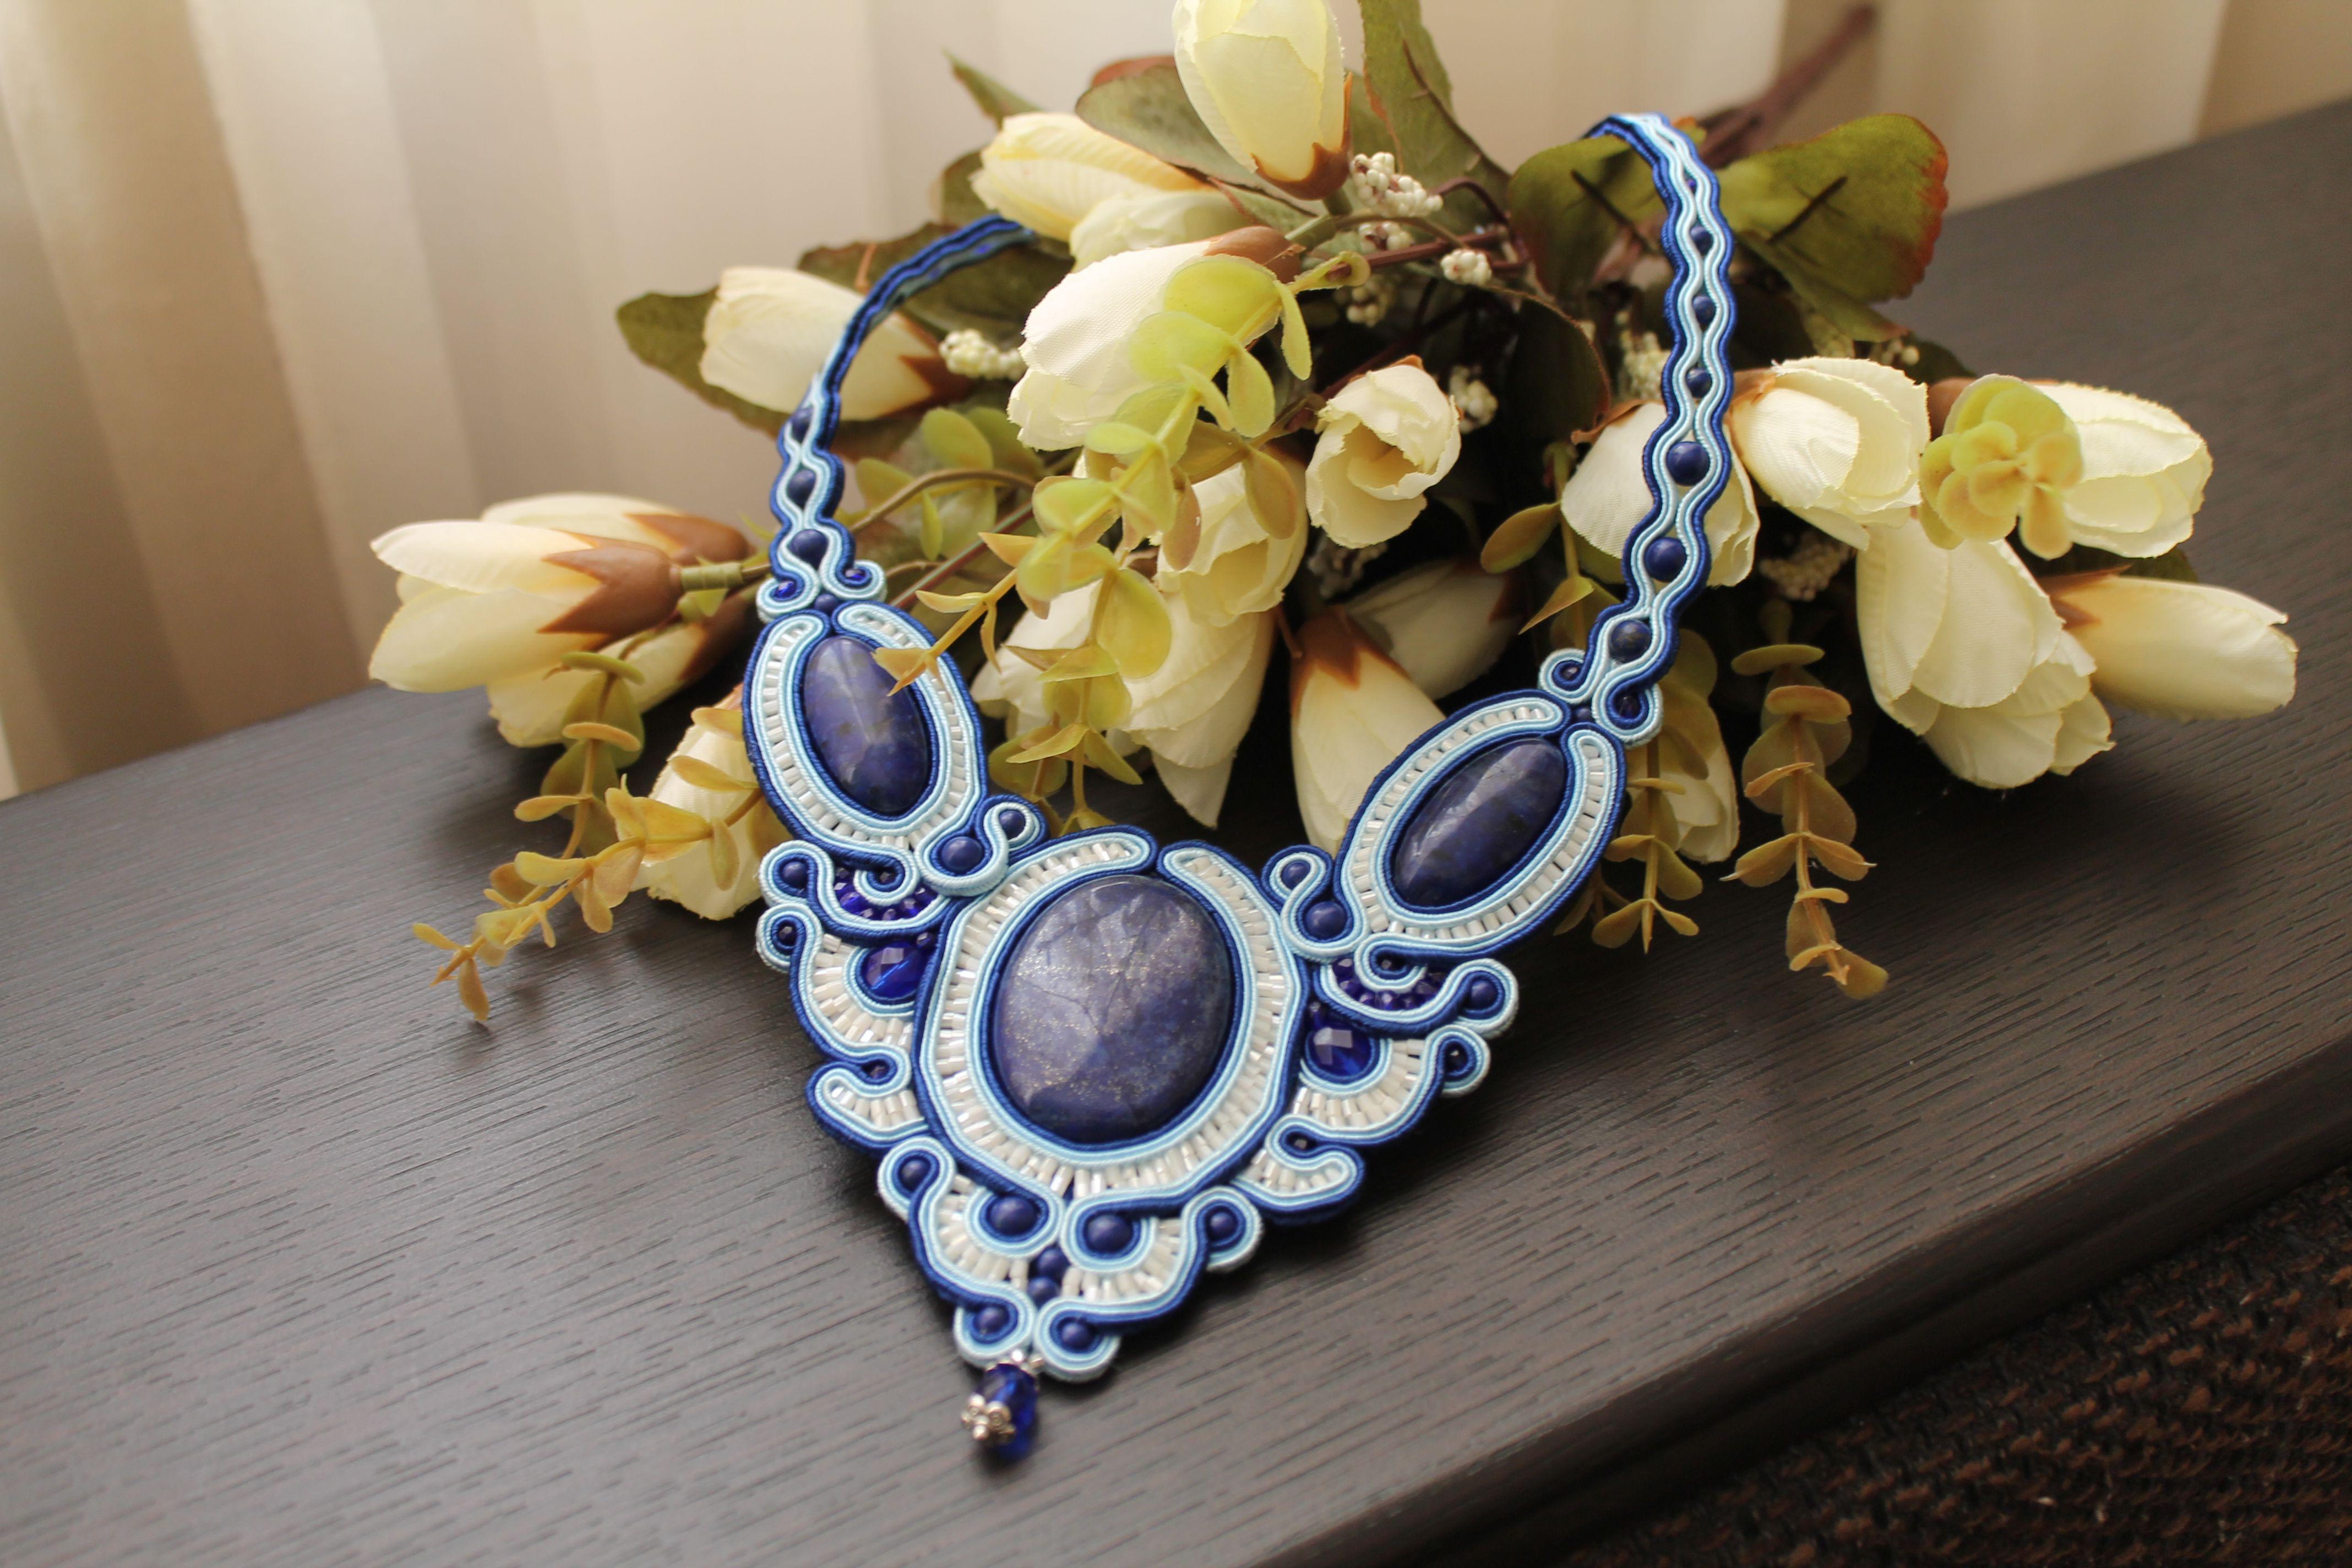 сутажная украшение вышивка ручная синий бижутерия работа белый натуральные колье сутаж кулон камни